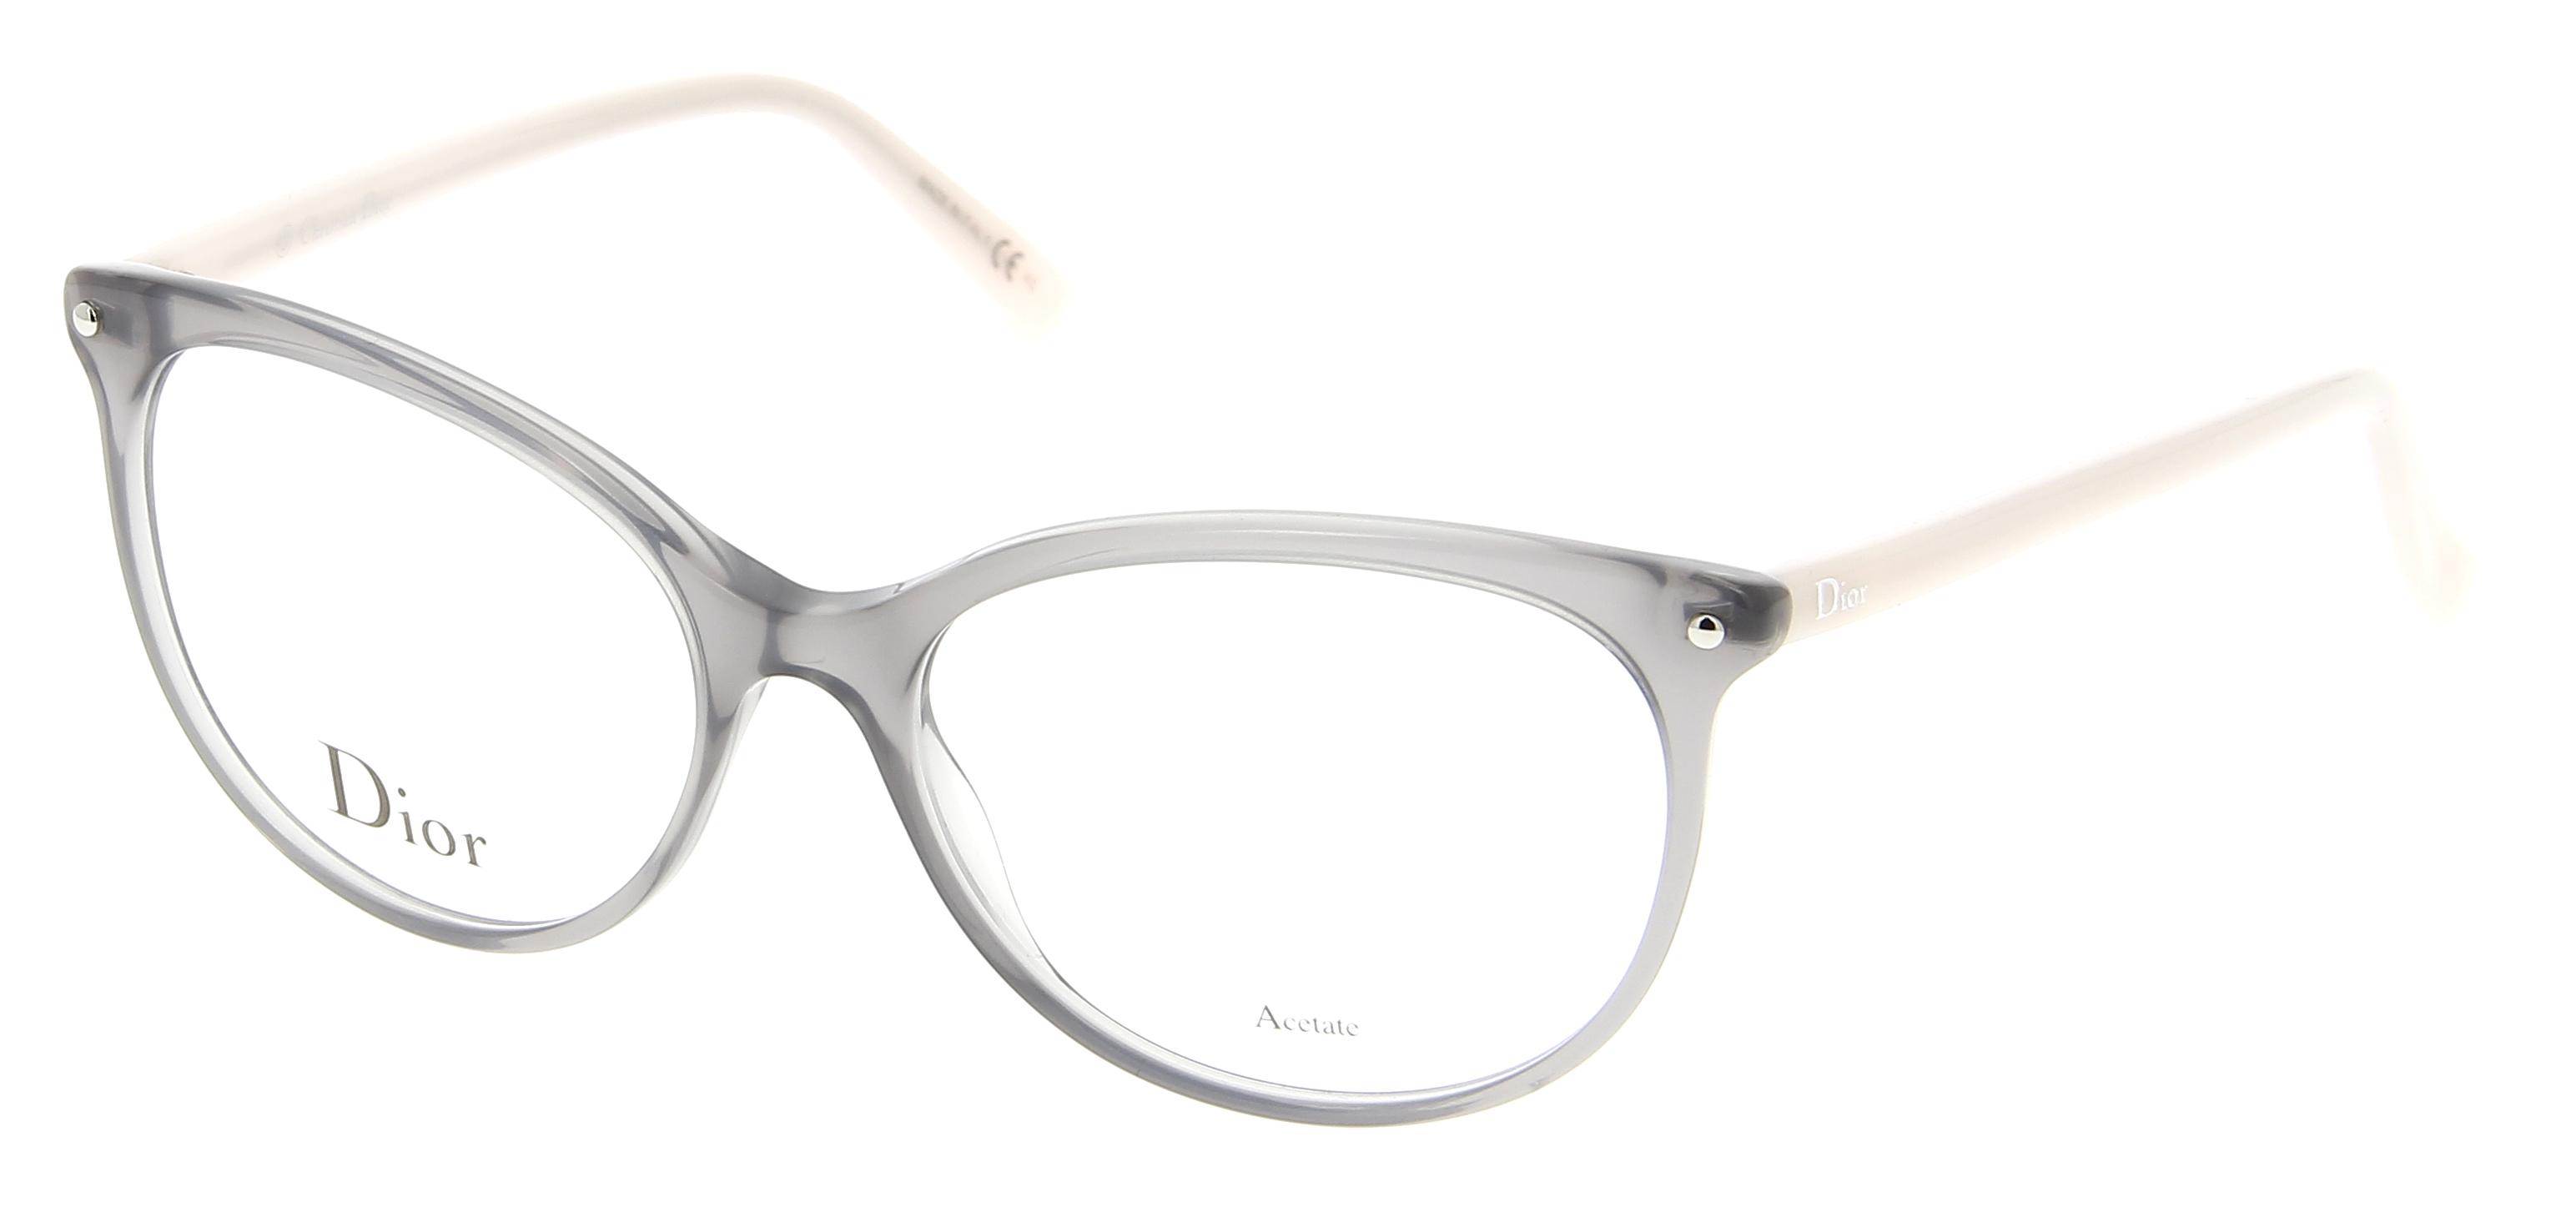 lunettes de vue dior cd 3284 6ni 53 16 femme gris transparent papillon cercl e tendance. Black Bedroom Furniture Sets. Home Design Ideas